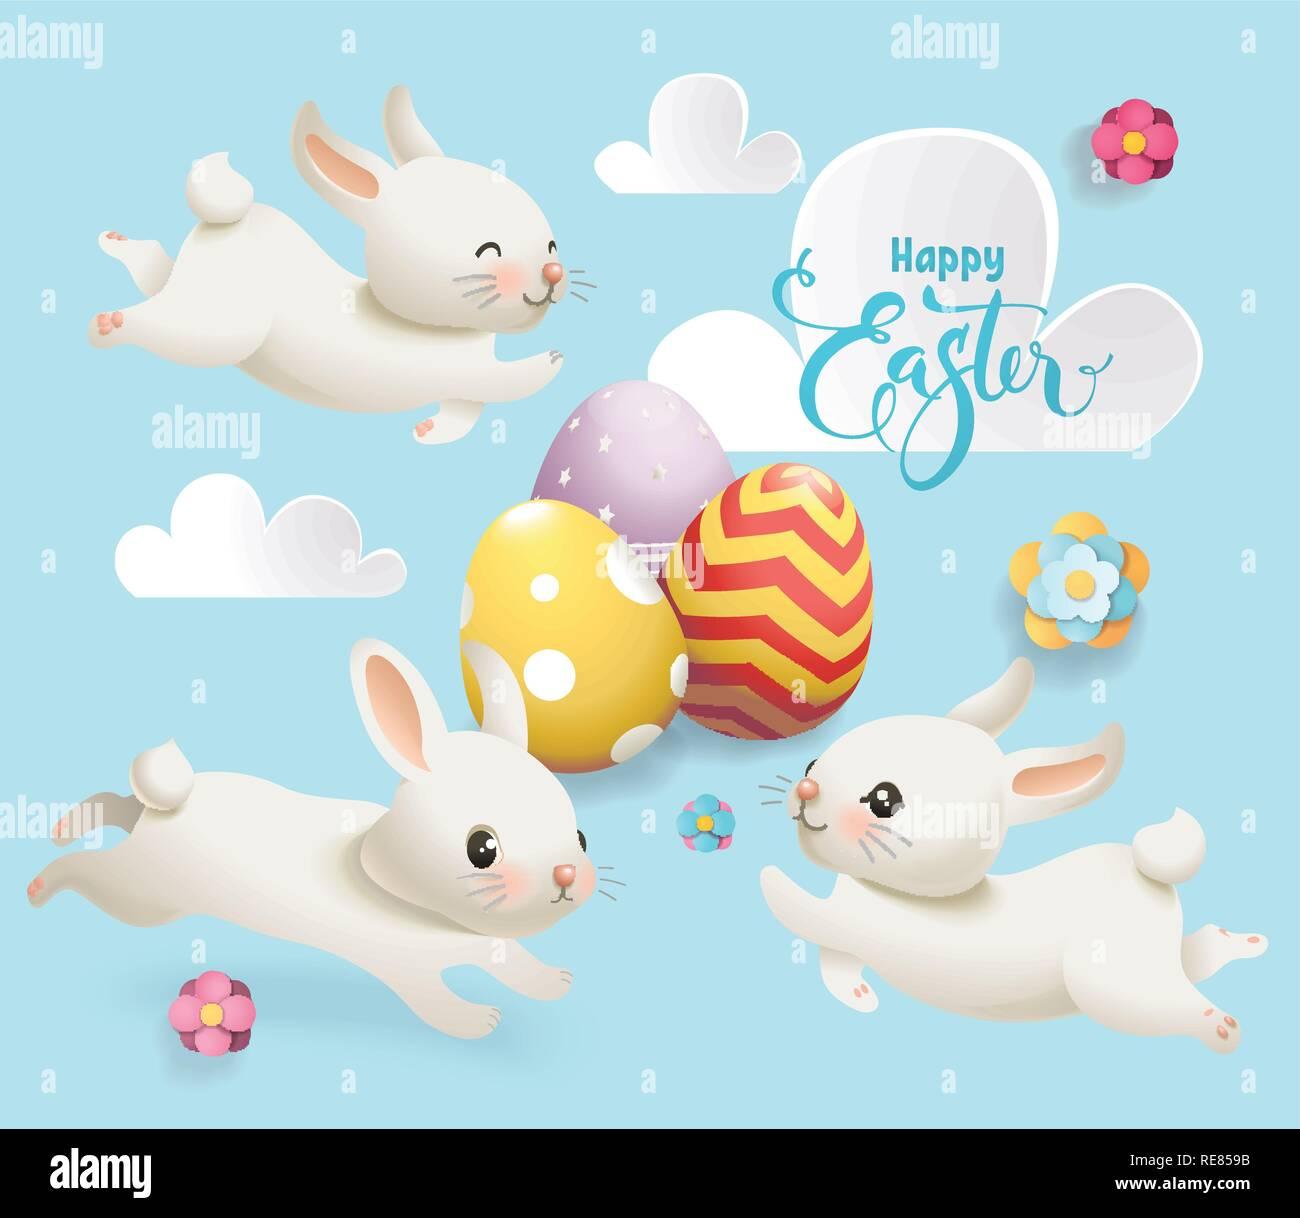 Frohe Ostern Niedliche Häschen Ei Vektor Banner Cute White Rabbit